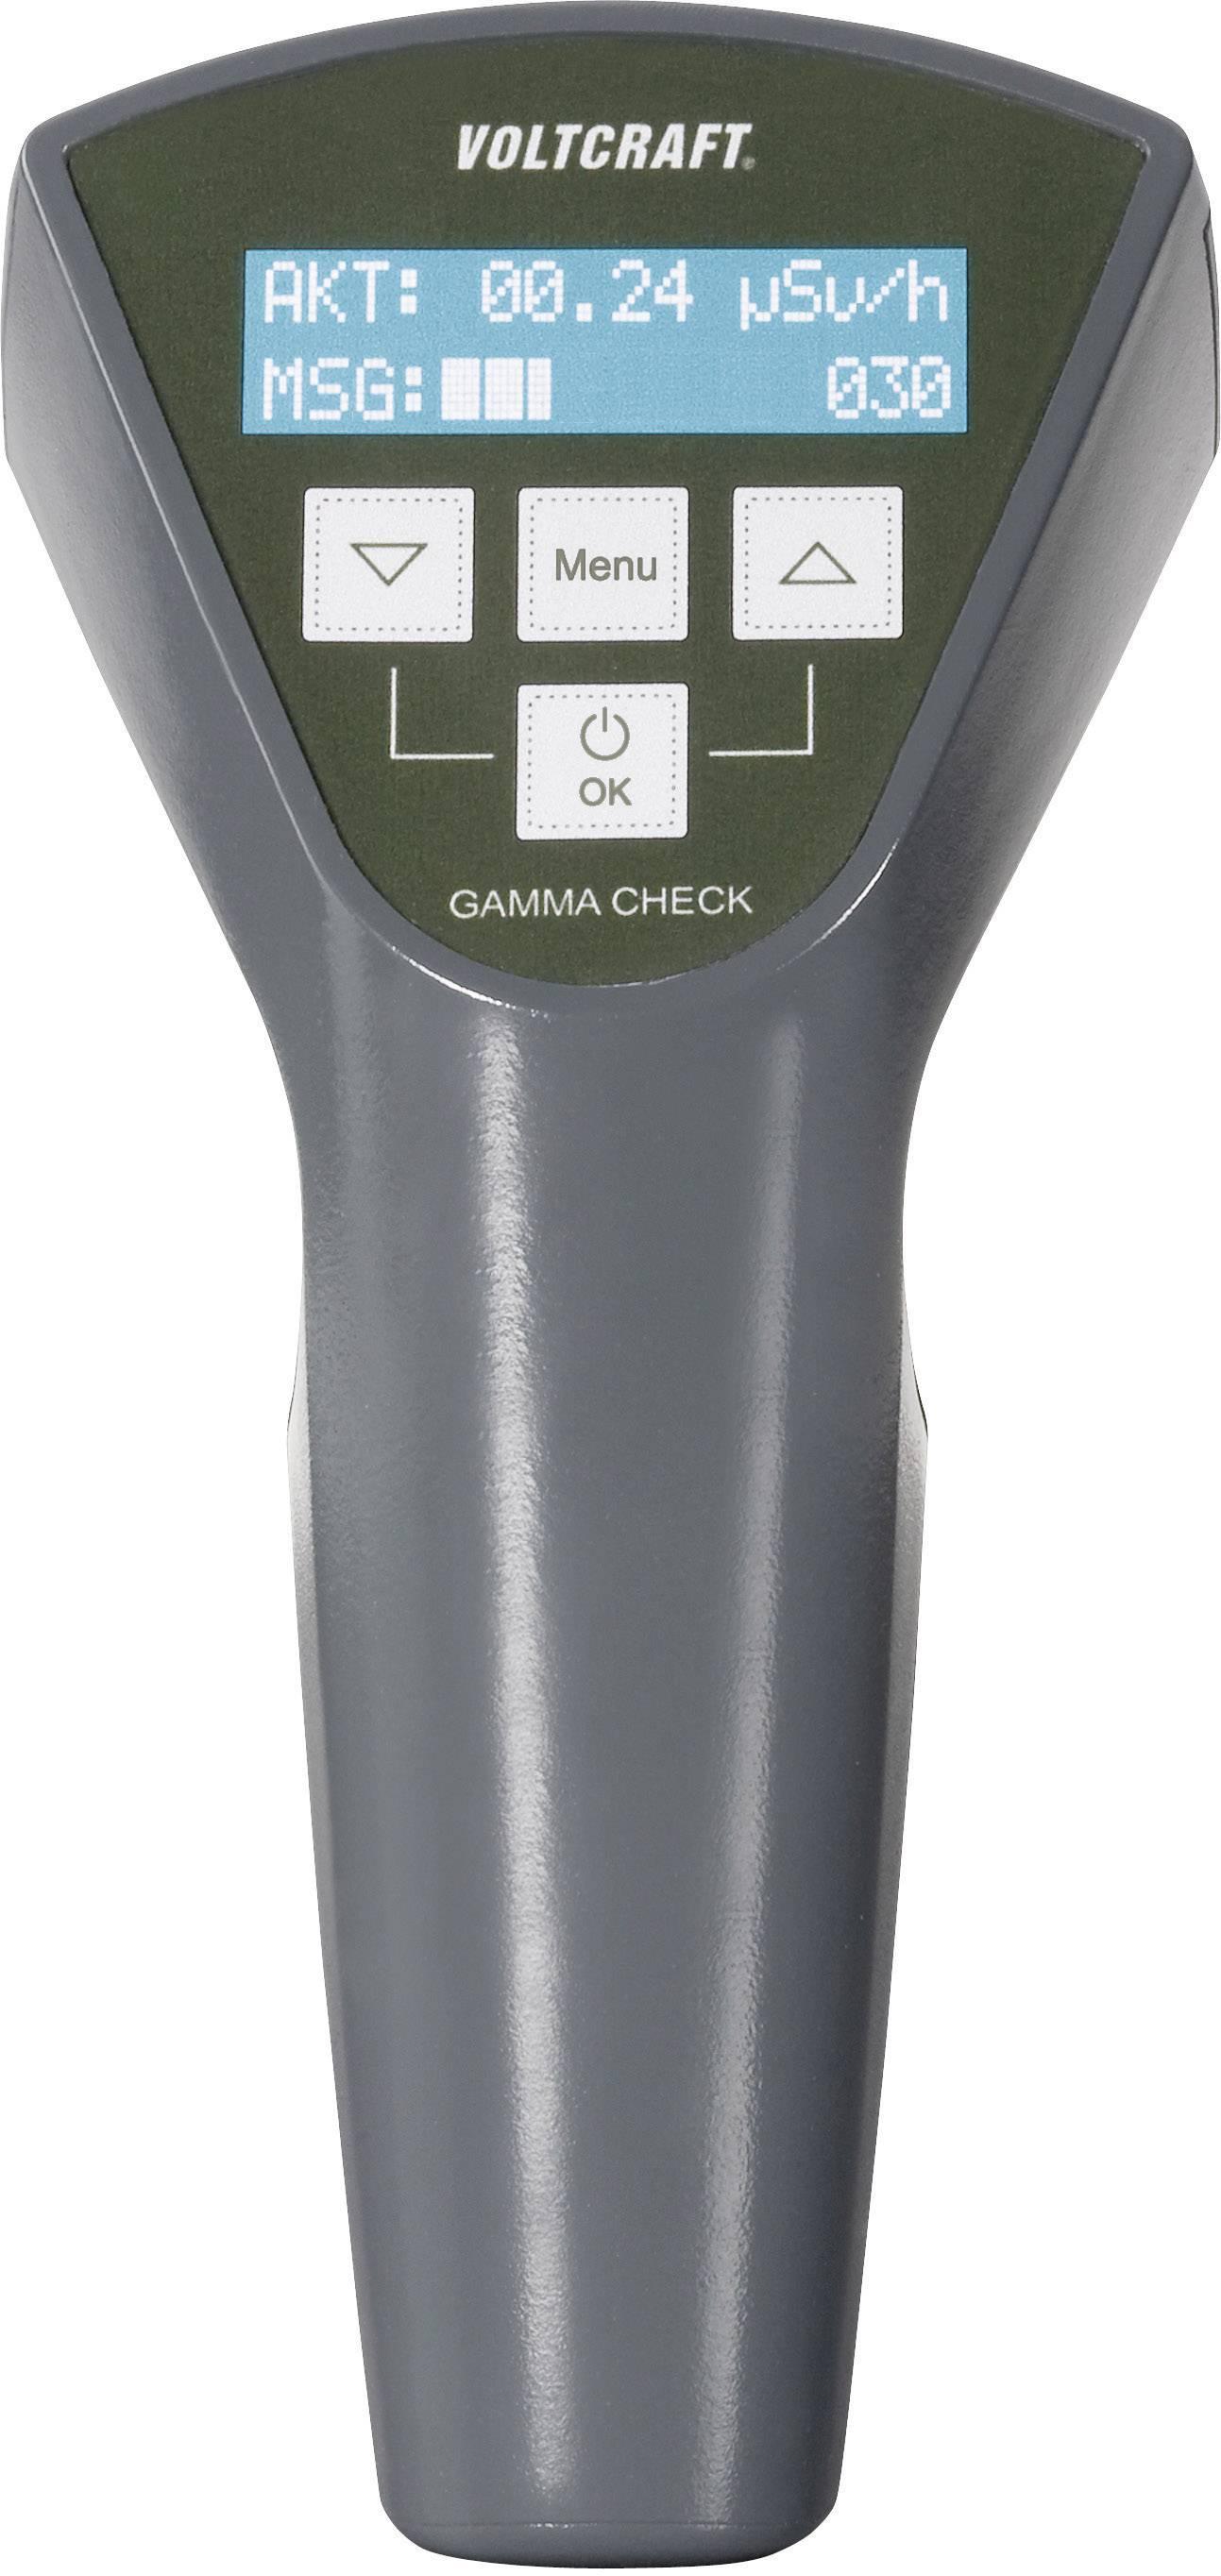 Geigerův čítač pro kontrolu radioaktivity Voltcraft Gamma-Check-A